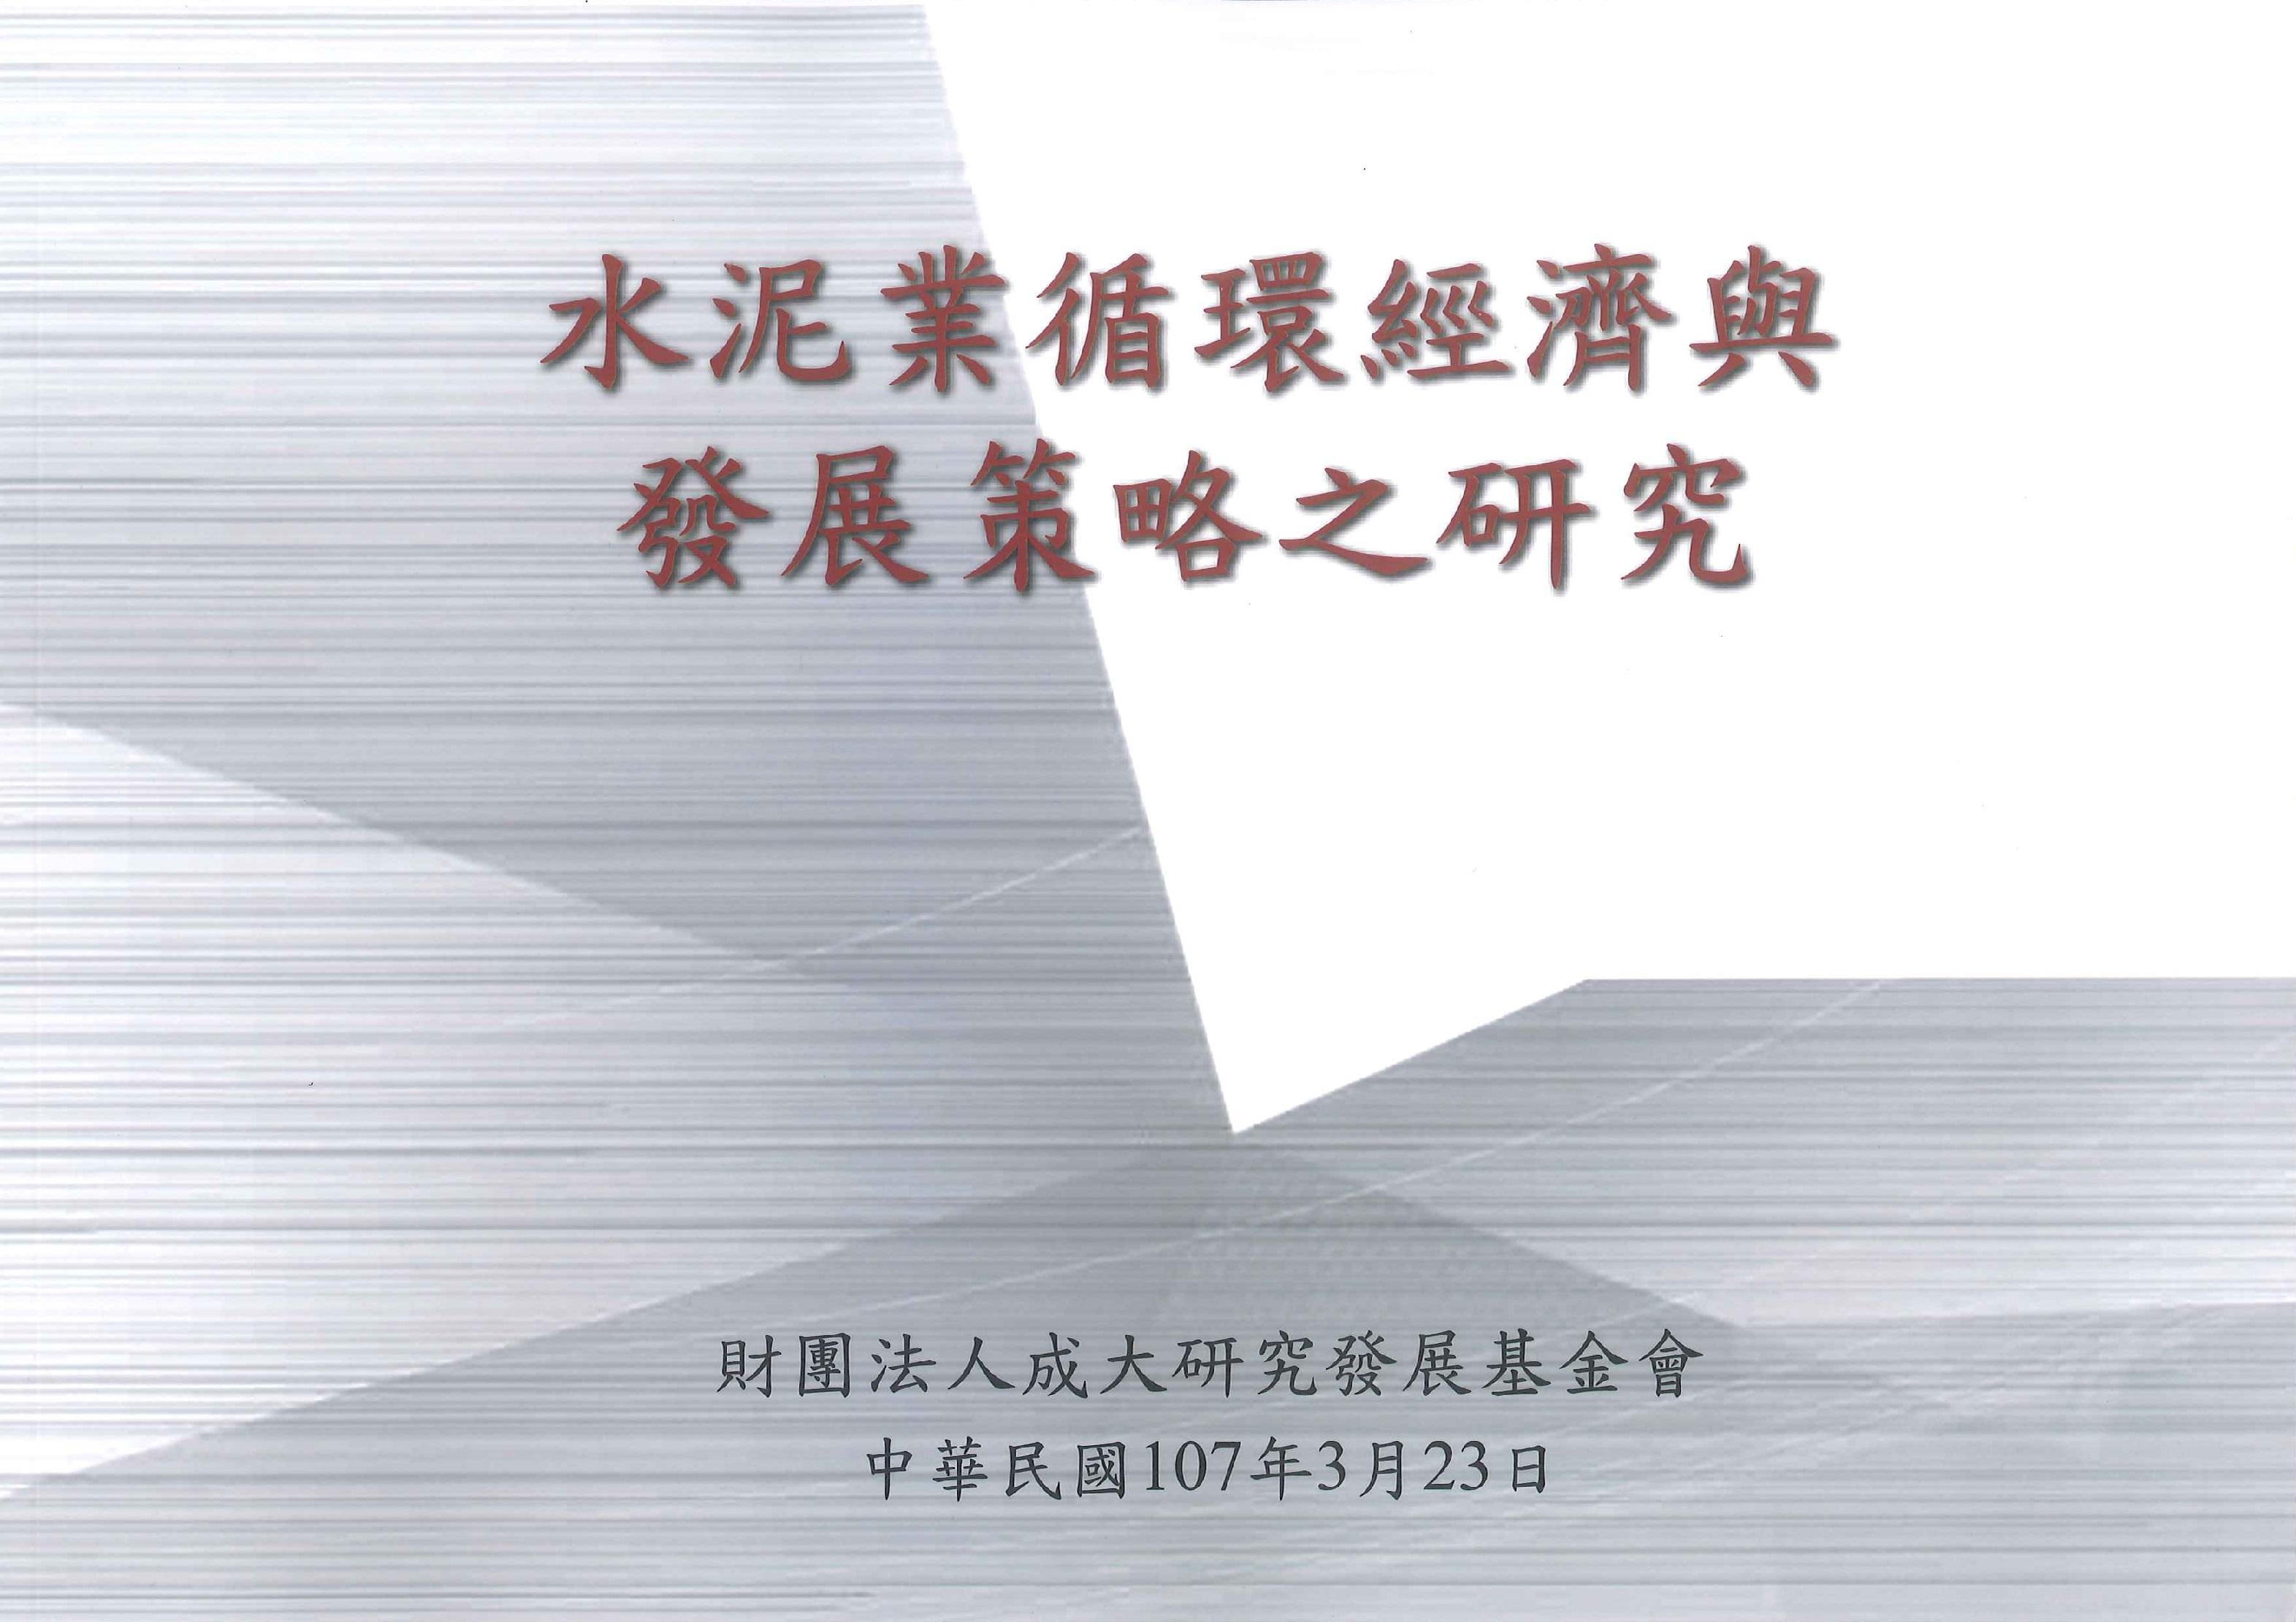 水泥業循環經濟與發展策略之研究:礦業法修訂之研議